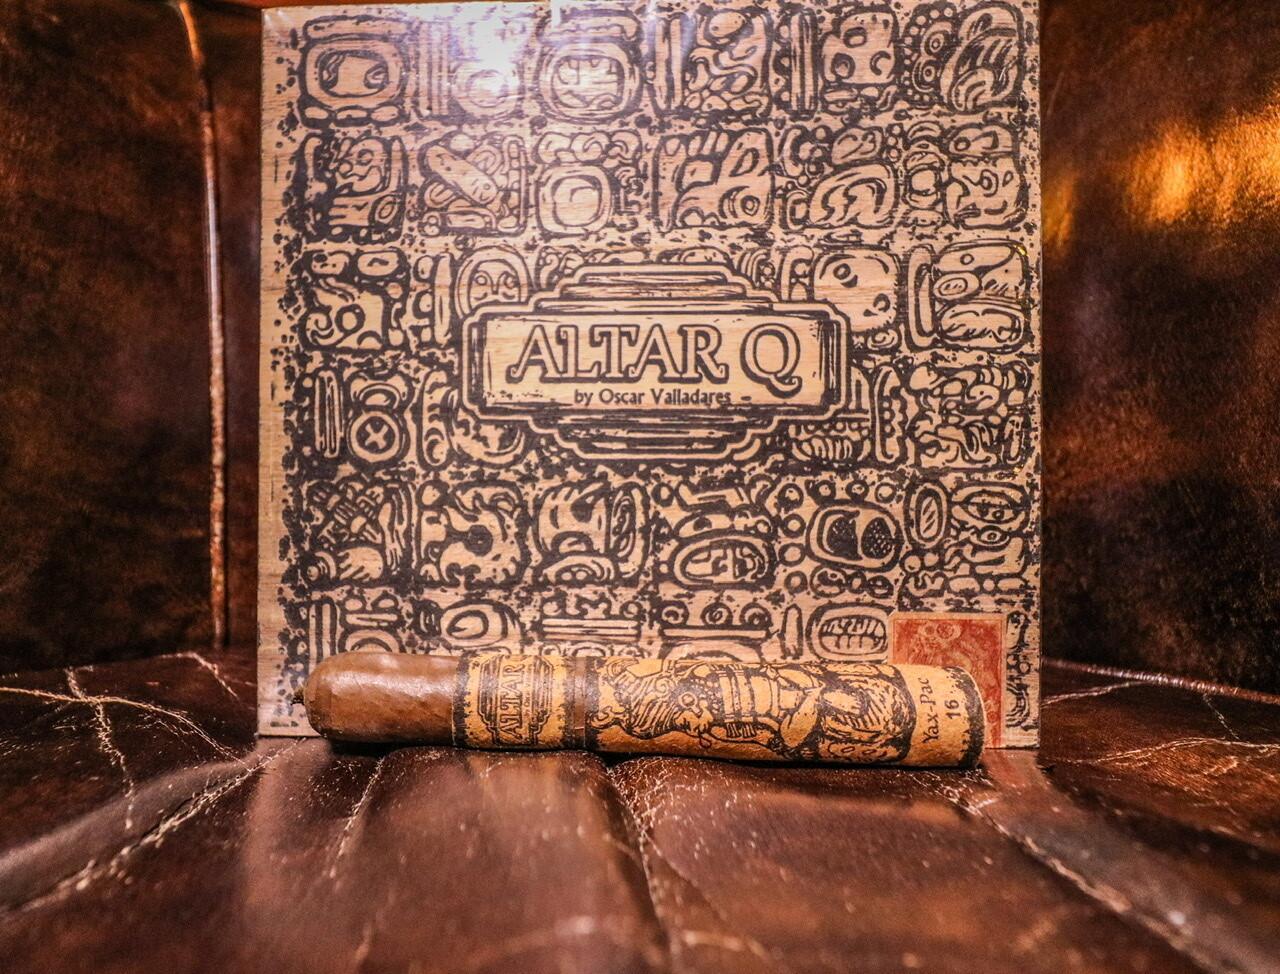 Altar Q Sumatra, 16's